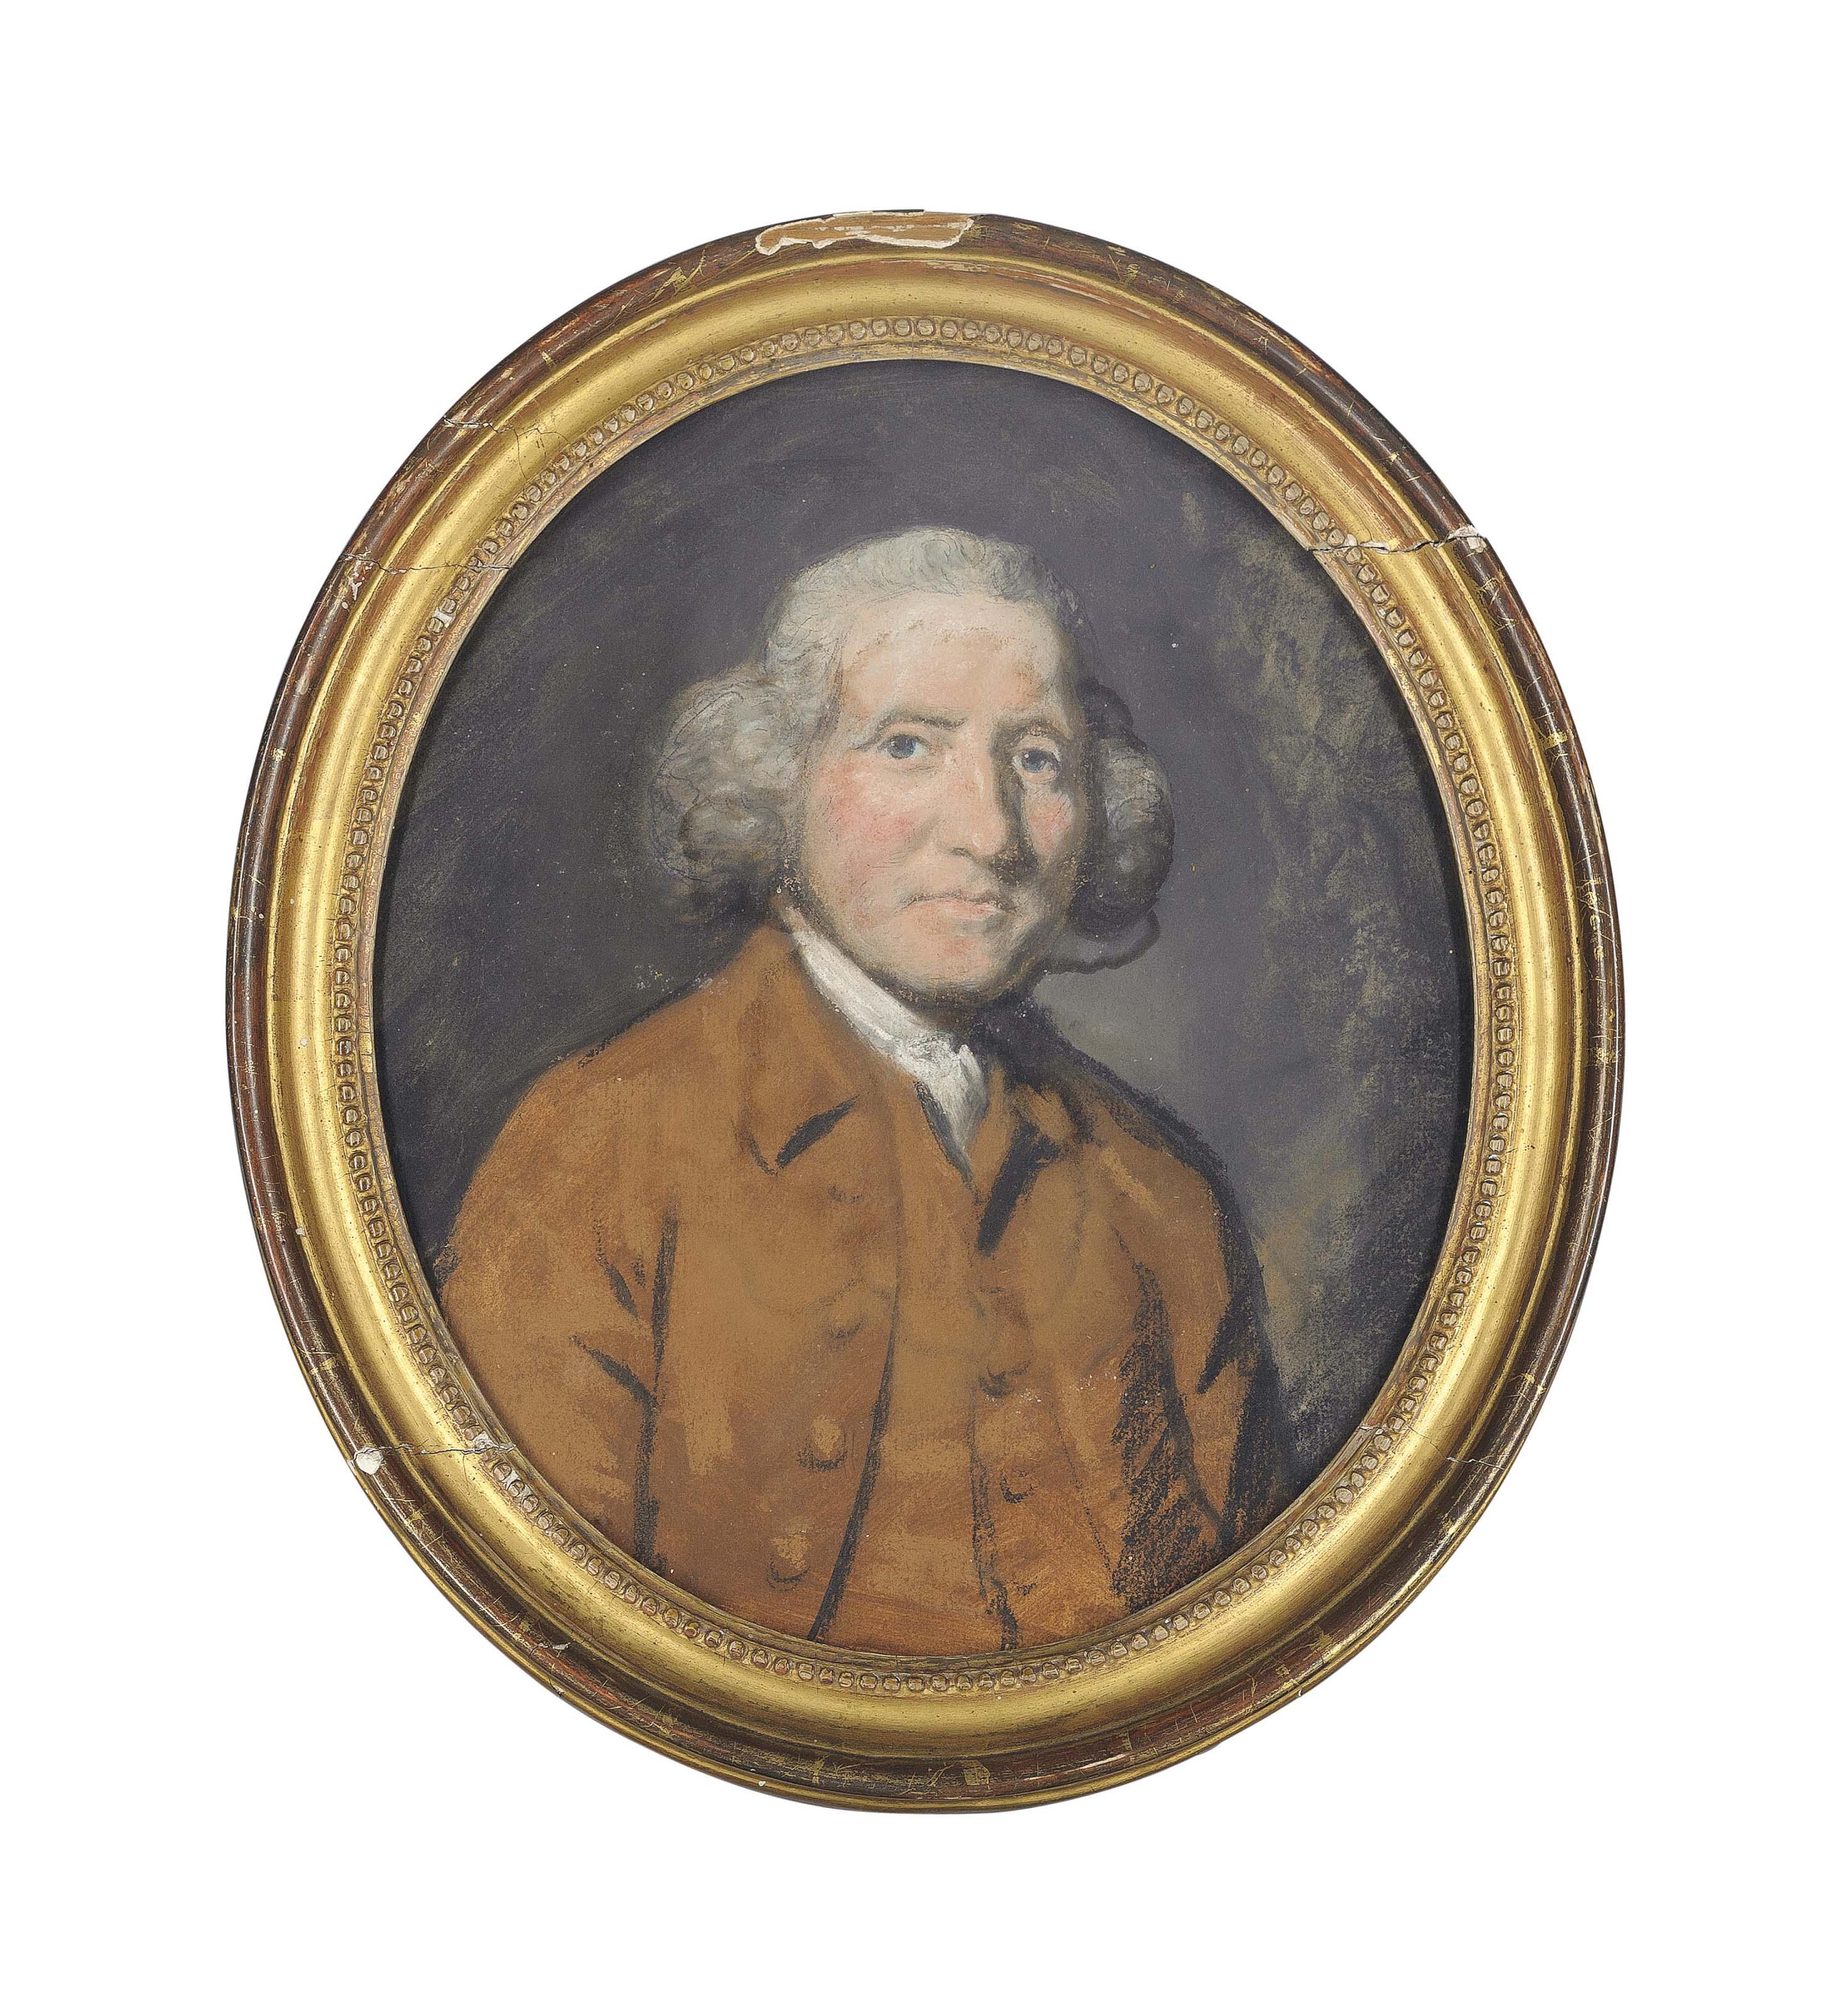 Portrait of William Pennington